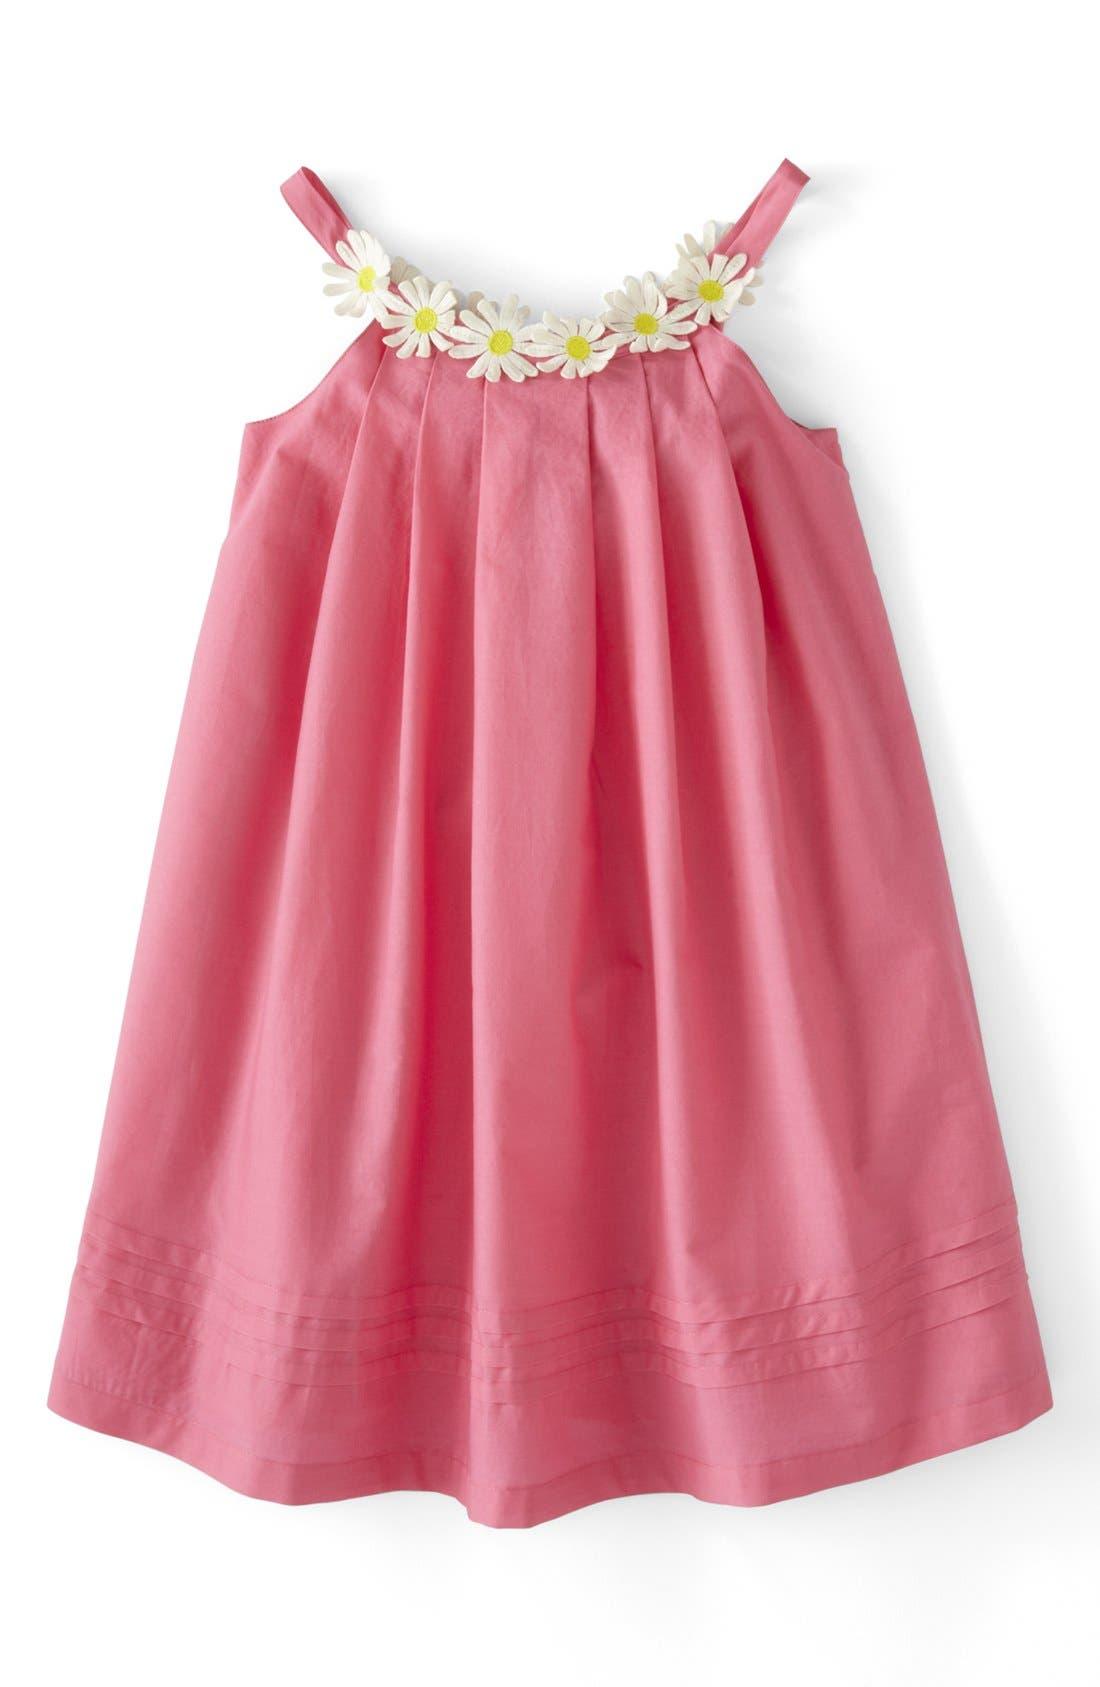 Main Image - Mini Boden 'Daisy' Summer Dress (Toddler Girls, Little Girls & Big Girls)